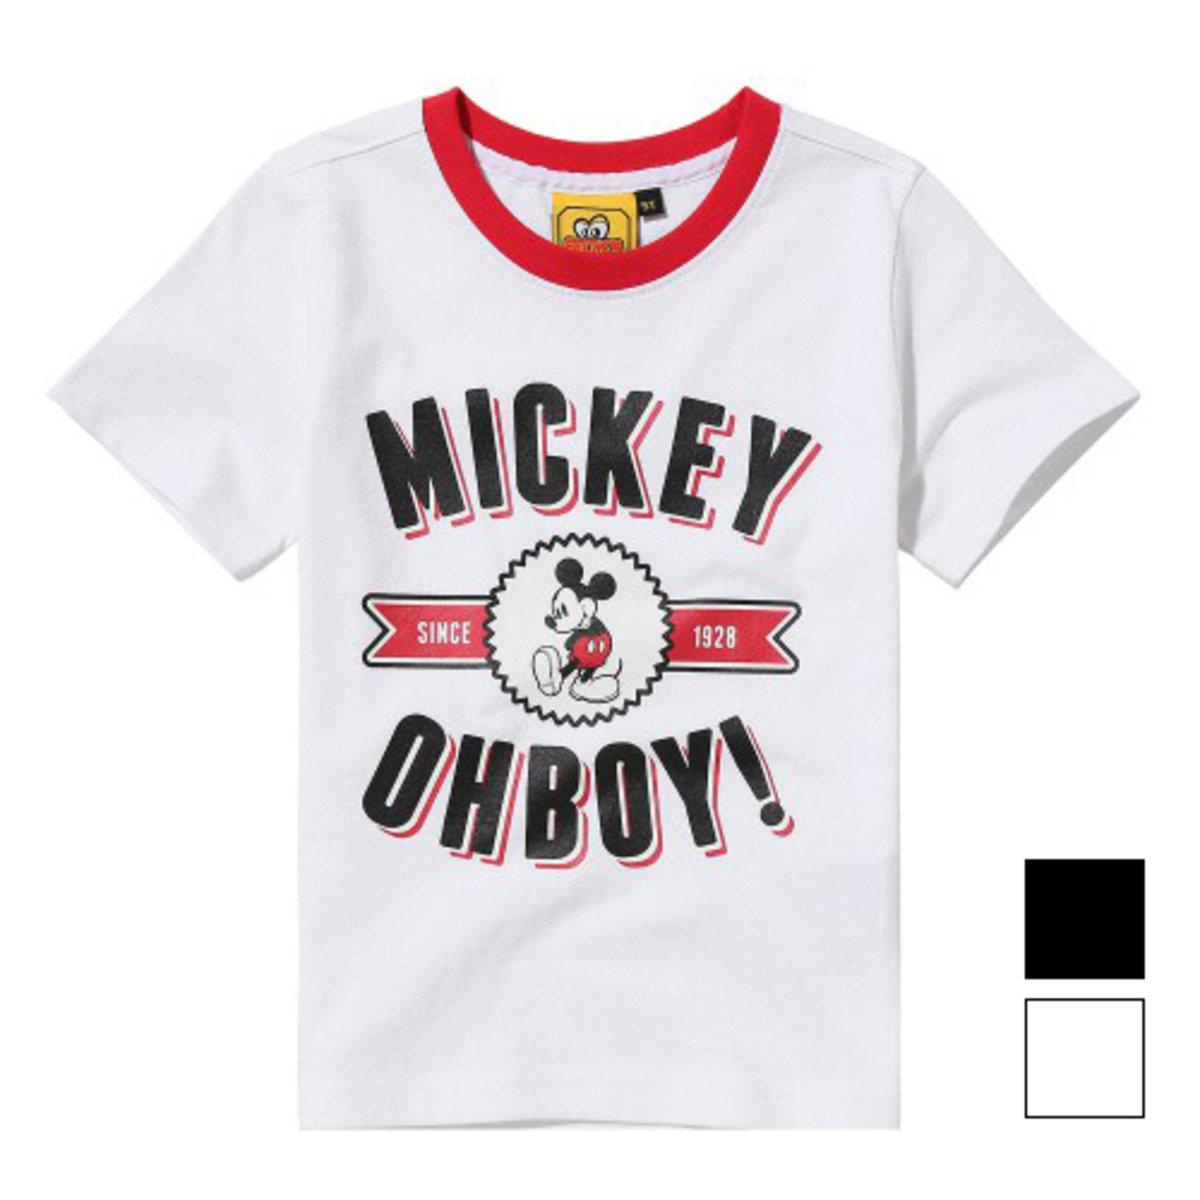 迪士尼米奇OHBOY T裇_FEOBKTS54 (童裝)